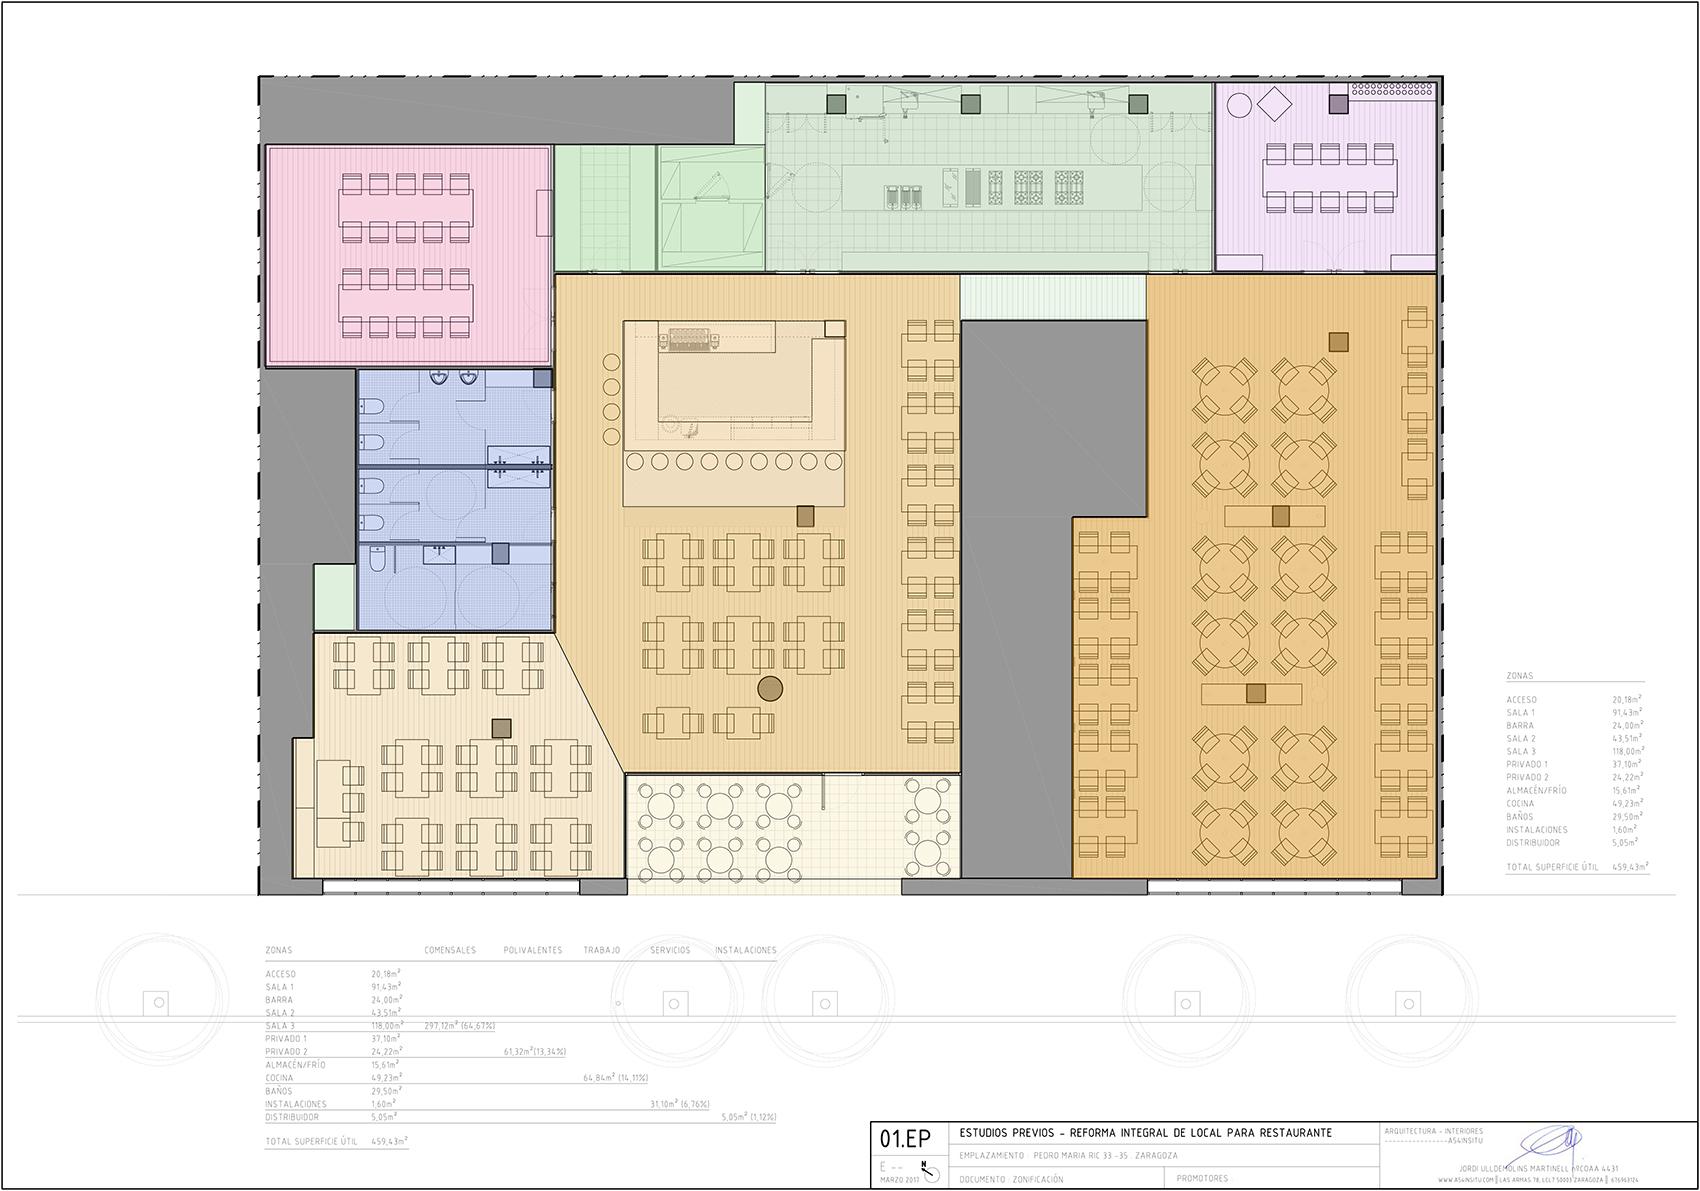 proyecto reforma integral de interiores de un local para restaurante en Zaragoza realizado por el estudio de arquitectura diseño e interiorismo A54insitu ubicado en Las Armas Zaragoza